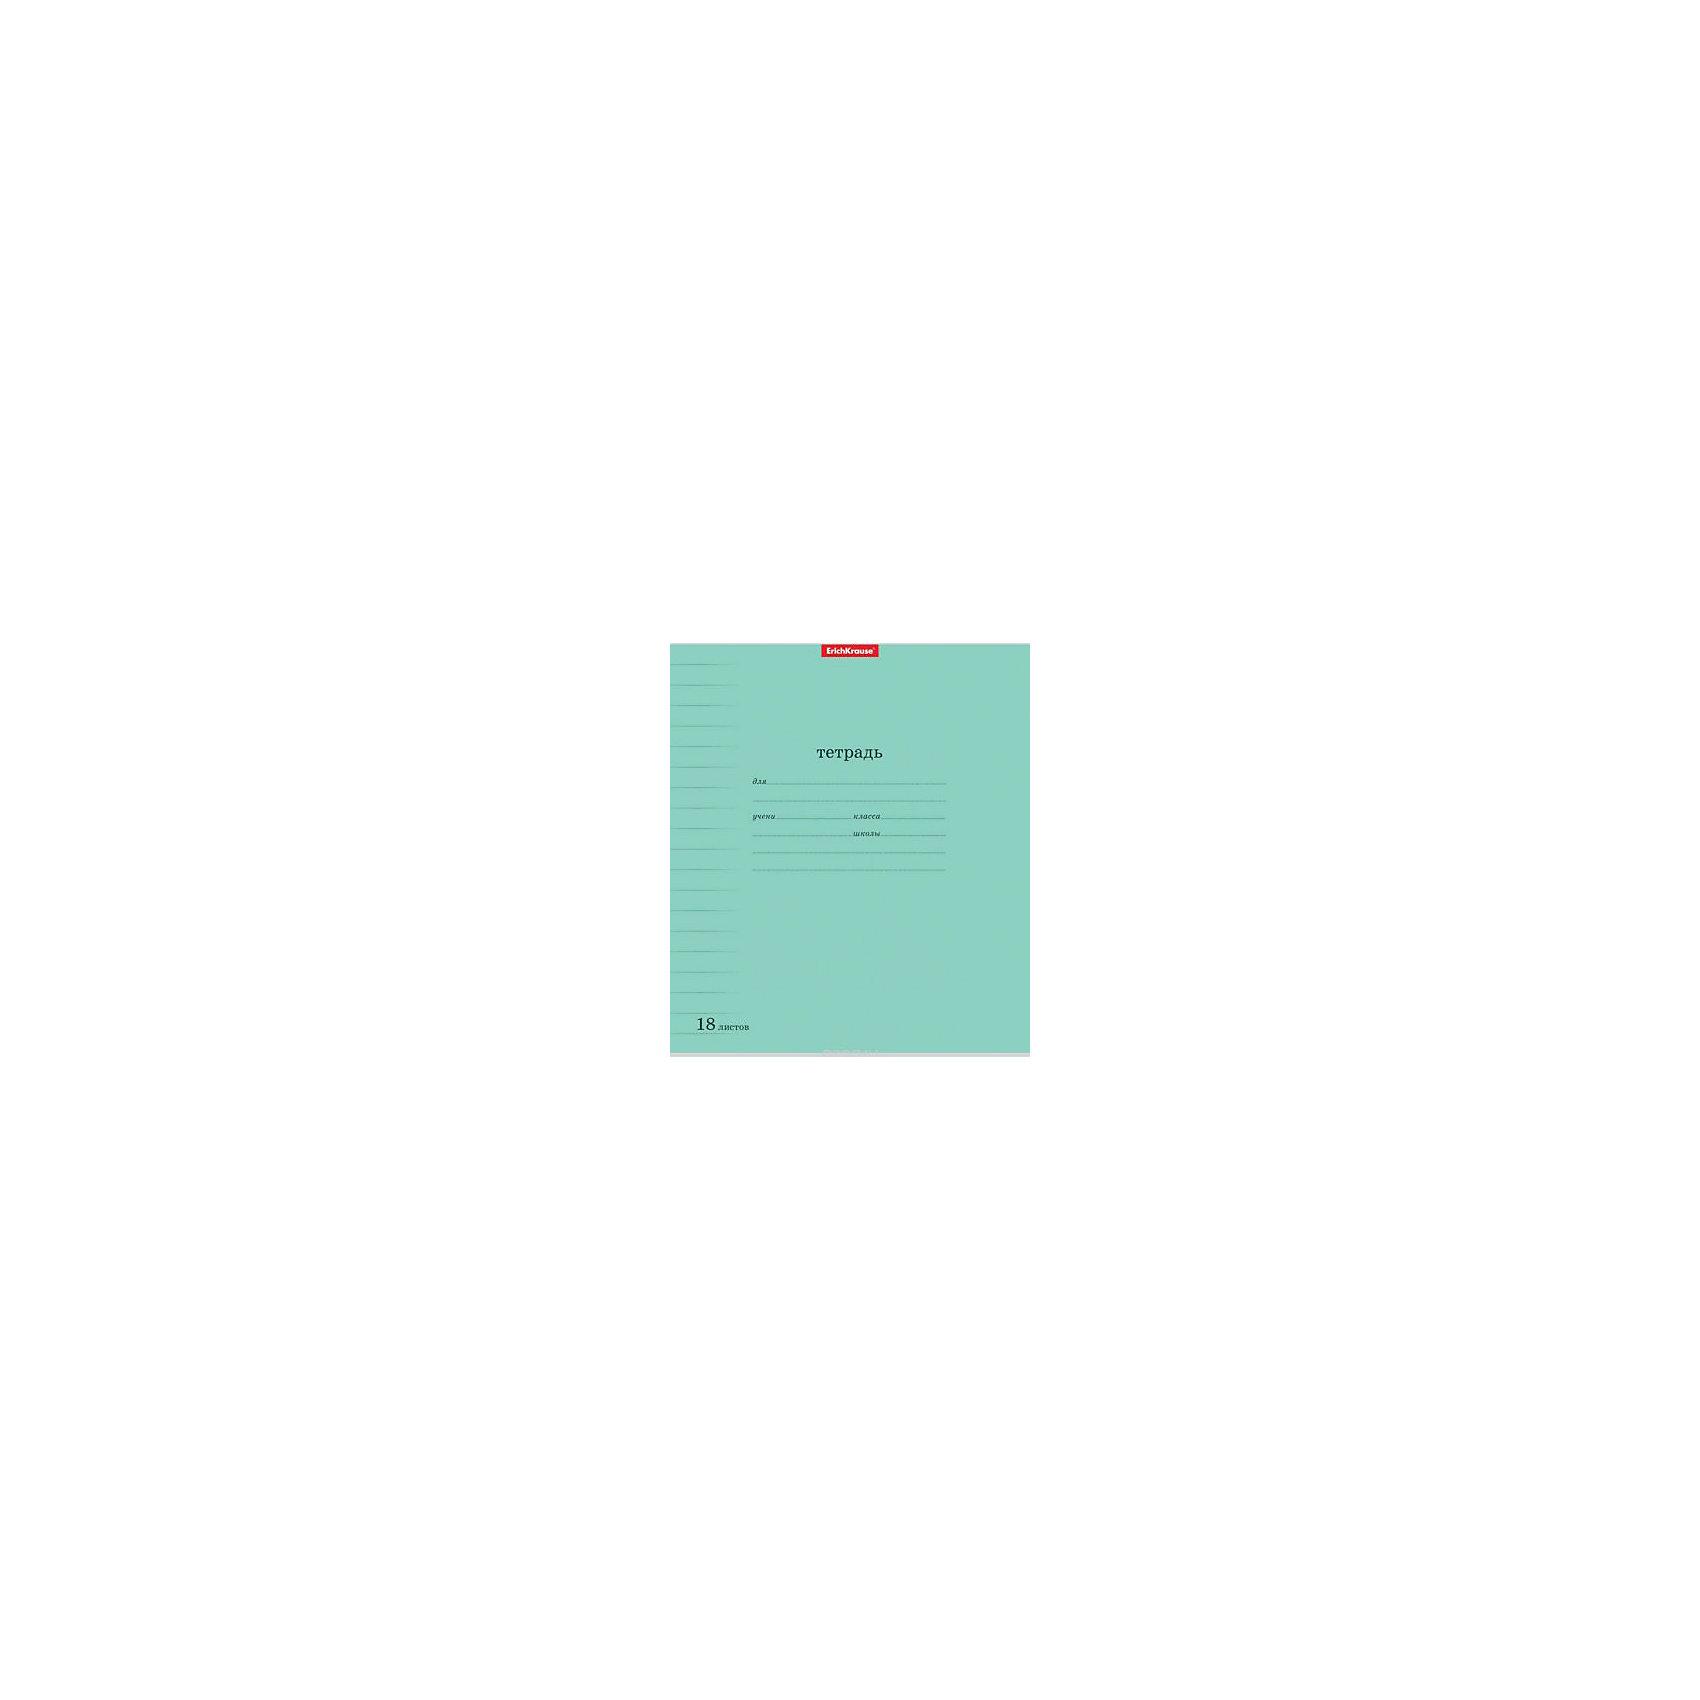 Тетрадь с линовкой Классика,18 л., 10 шт.Бумажная продукция<br>Тетрадь линейка Классика,18л, с линовкой<br>Классическая тетрадь в линейку с линовкой с однотонной обложкой зеленого цвета - обязательная принадлежность для многих школьных занятий. Внутренний блок в 18 листов выполнен из качественной офсетной бумаги и скреплен скрепкой. Листы естественного белого цвета не портят зрение, линейки четкие. Плотная обложка из мелованного картона сохранит аккуратный внешний вид в течение всего срока использования. Строгий дизайн не будет отвлекать ребенка от процесса обучения и поможет ему получать только отличные отметки.<br><br>Дополнительная информация:<br><br>- Формат: А5<br>- Количество листов: 18<br>- Обложка: мелованный картон<br>- Внутренний блок: офсет, линейка<br>- Цвет: зеленый<br><br>Тетрадь линейка Классика,18л, с линовкой можно купить в нашем интернет-магазине.<br><br>Ширина мм: 170<br>Глубина мм: 5<br>Высота мм: 202<br>Вес г: 48<br>Возраст от месяцев: 72<br>Возраст до месяцев: 204<br>Пол: Унисекс<br>Возраст: Детский<br>SKU: 4744524